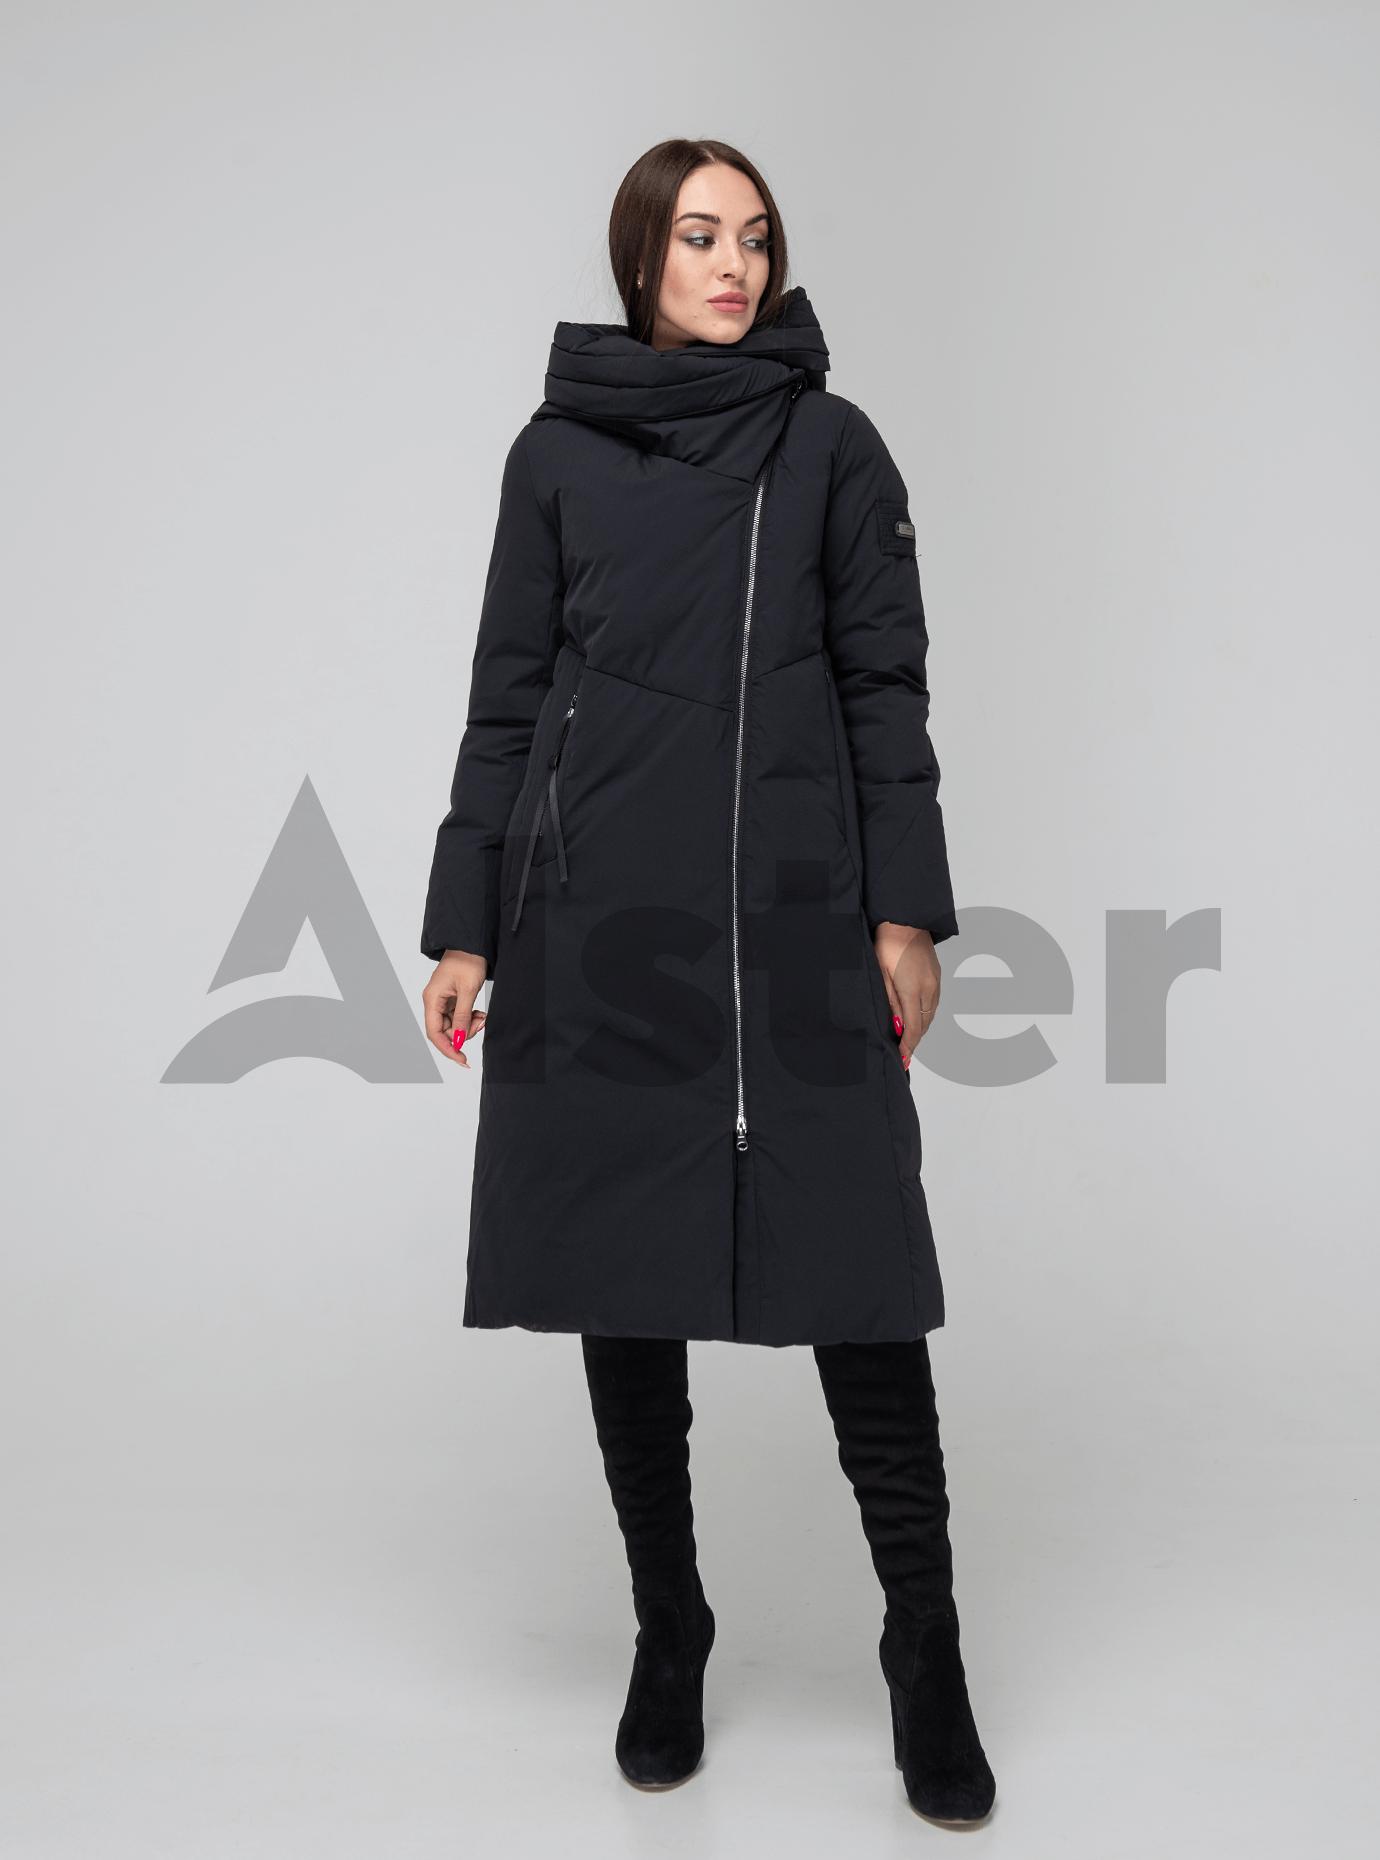 Пуховик женский с капюшоном Чёрный L (02-4584): фото - Alster.ua